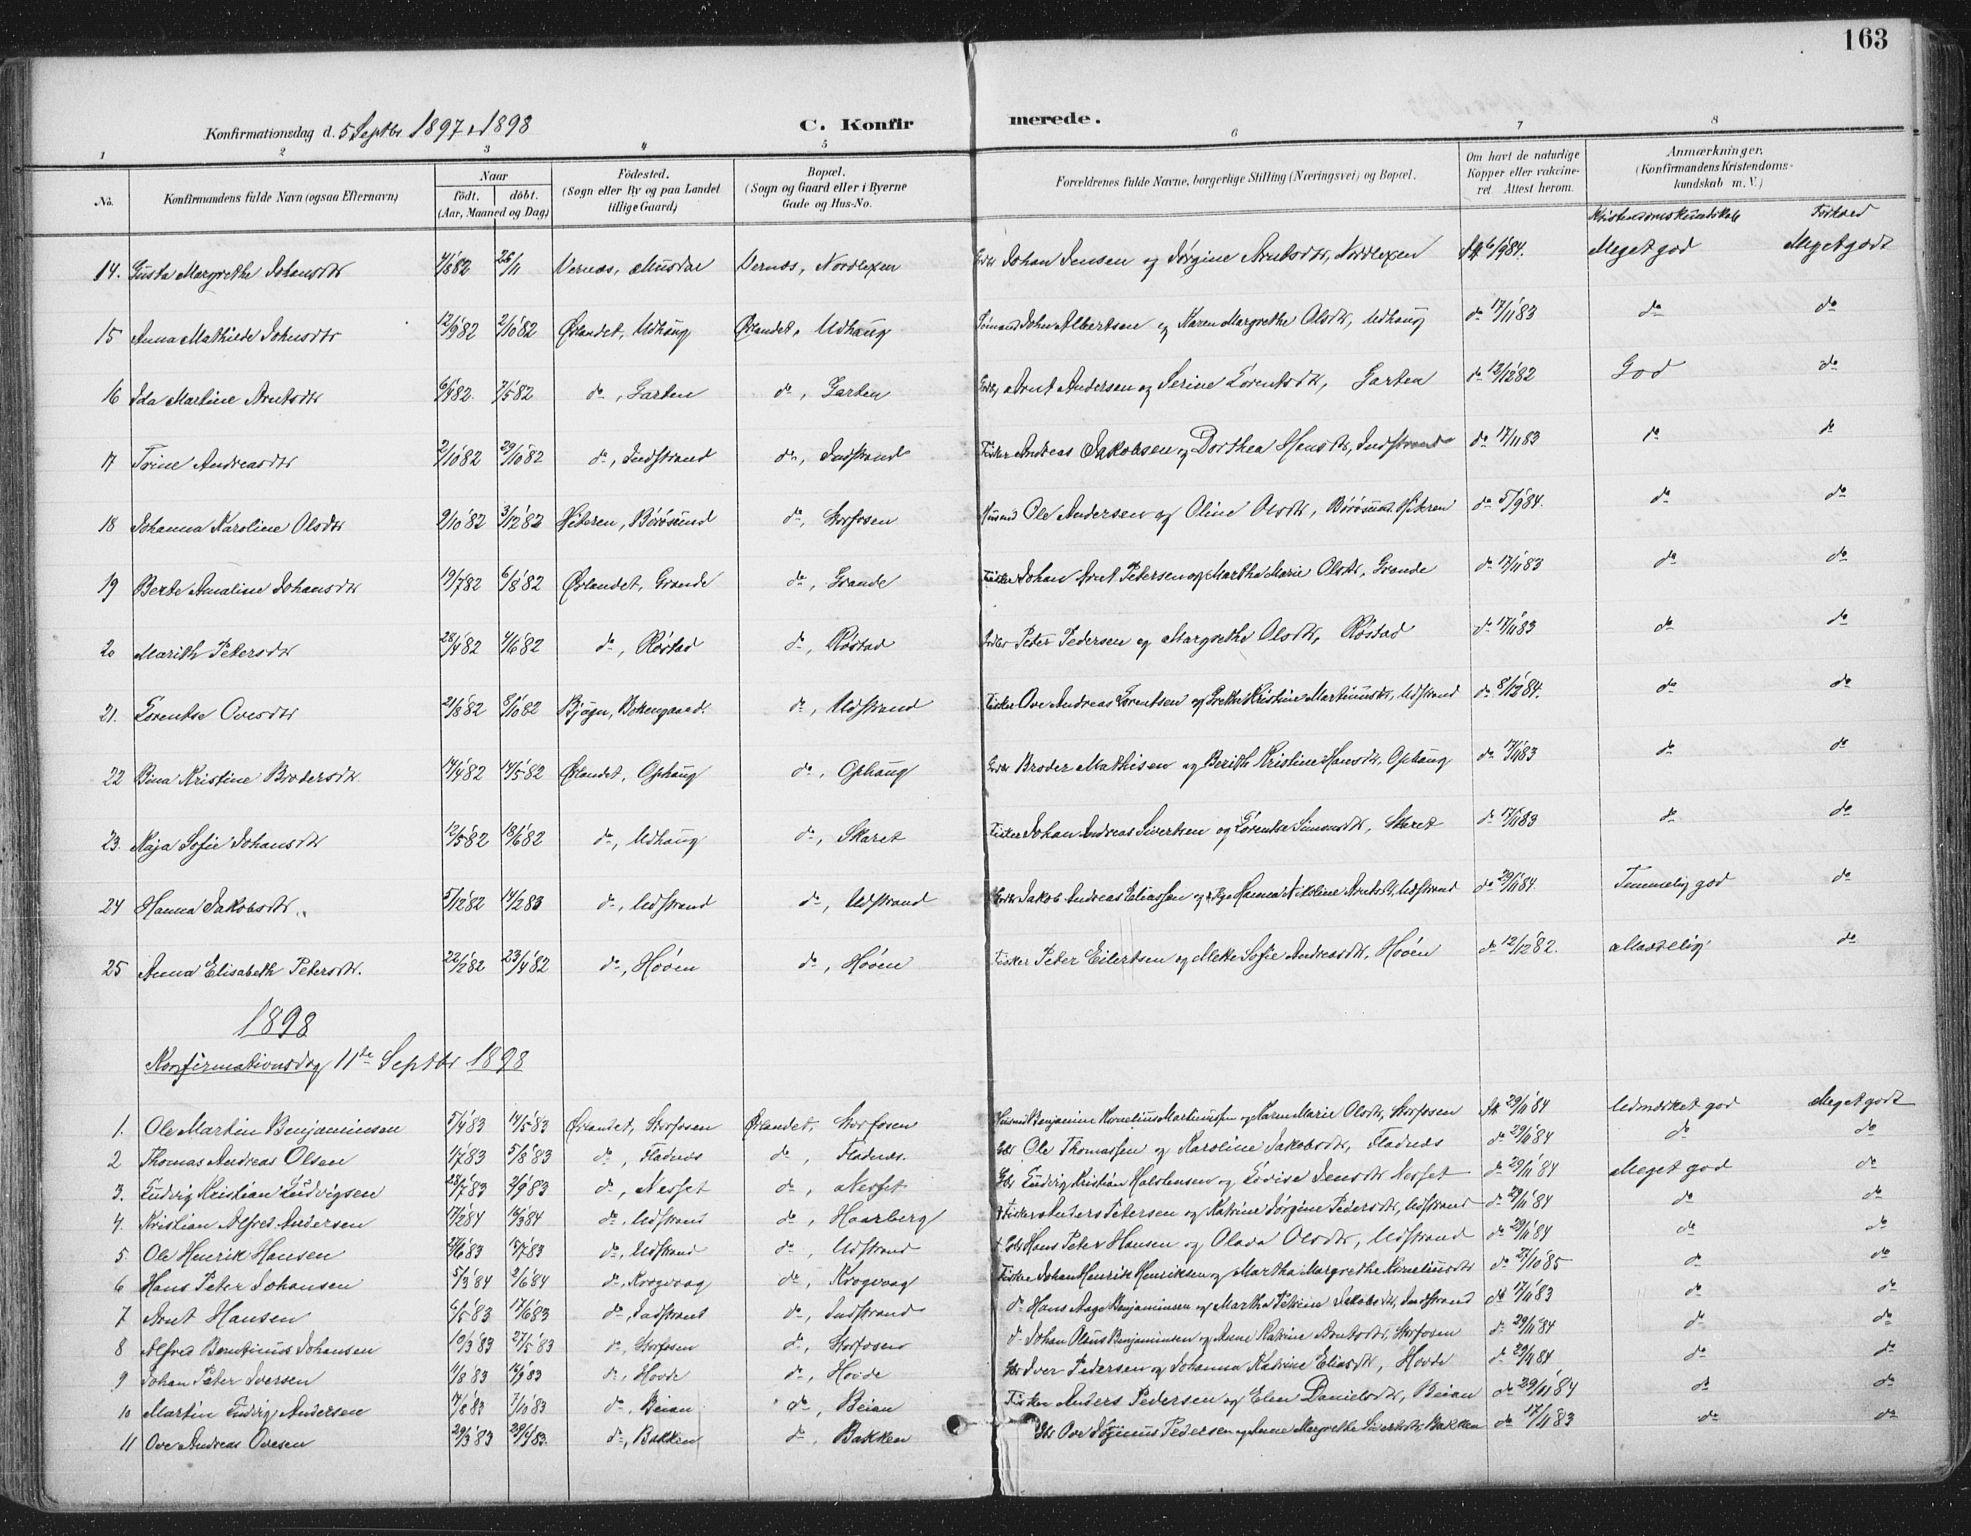 SAT, Ministerialprotokoller, klokkerbøker og fødselsregistre - Sør-Trøndelag, 659/L0743: Ministerialbok nr. 659A13, 1893-1910, s. 163